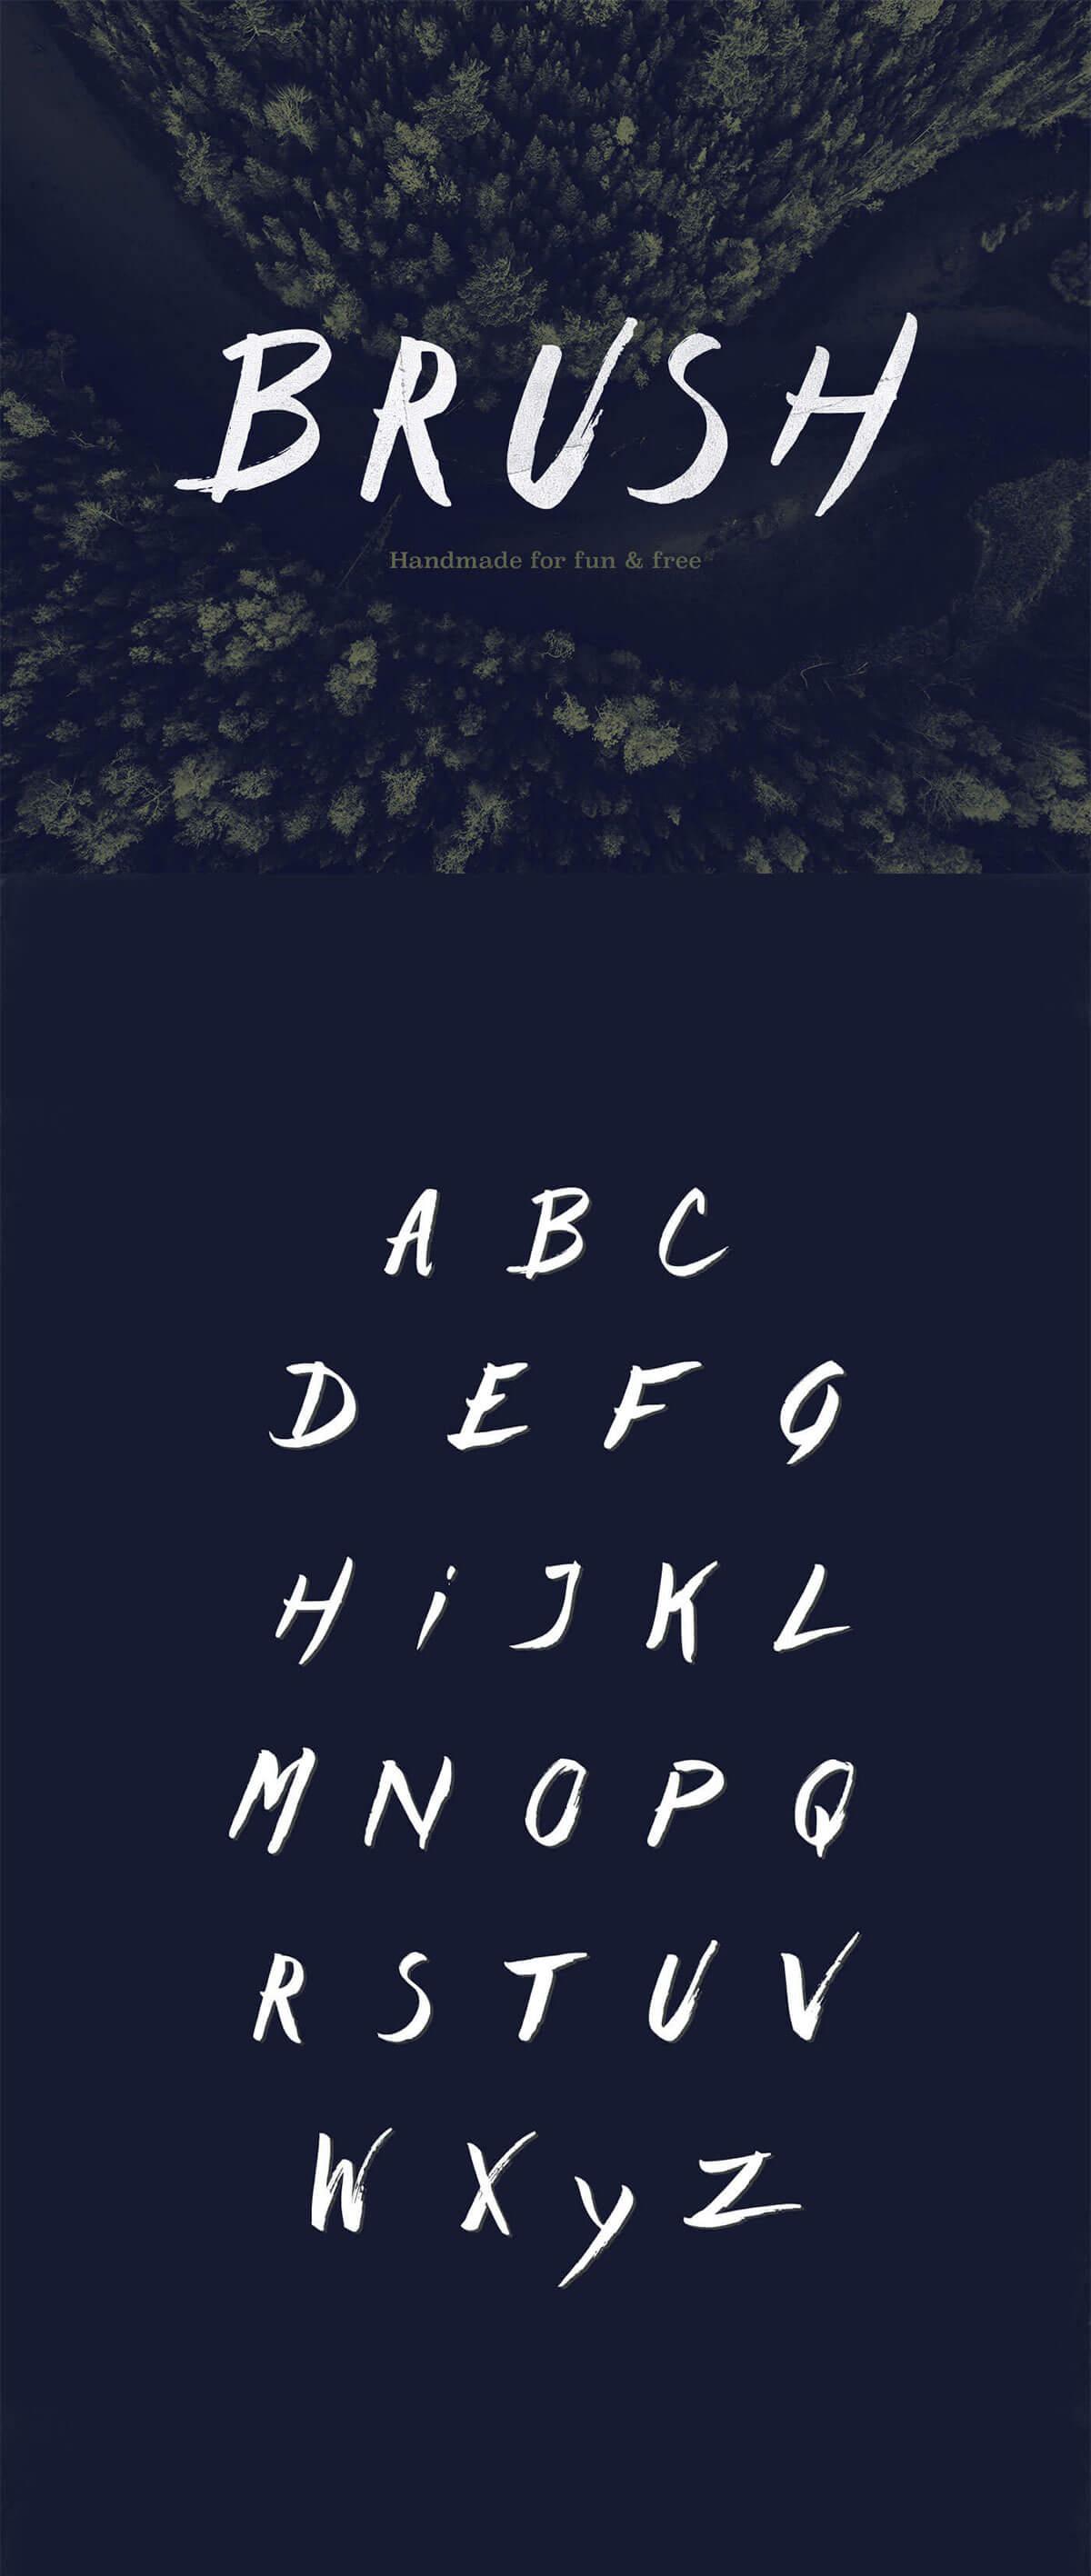 Free Brush Handmade Font